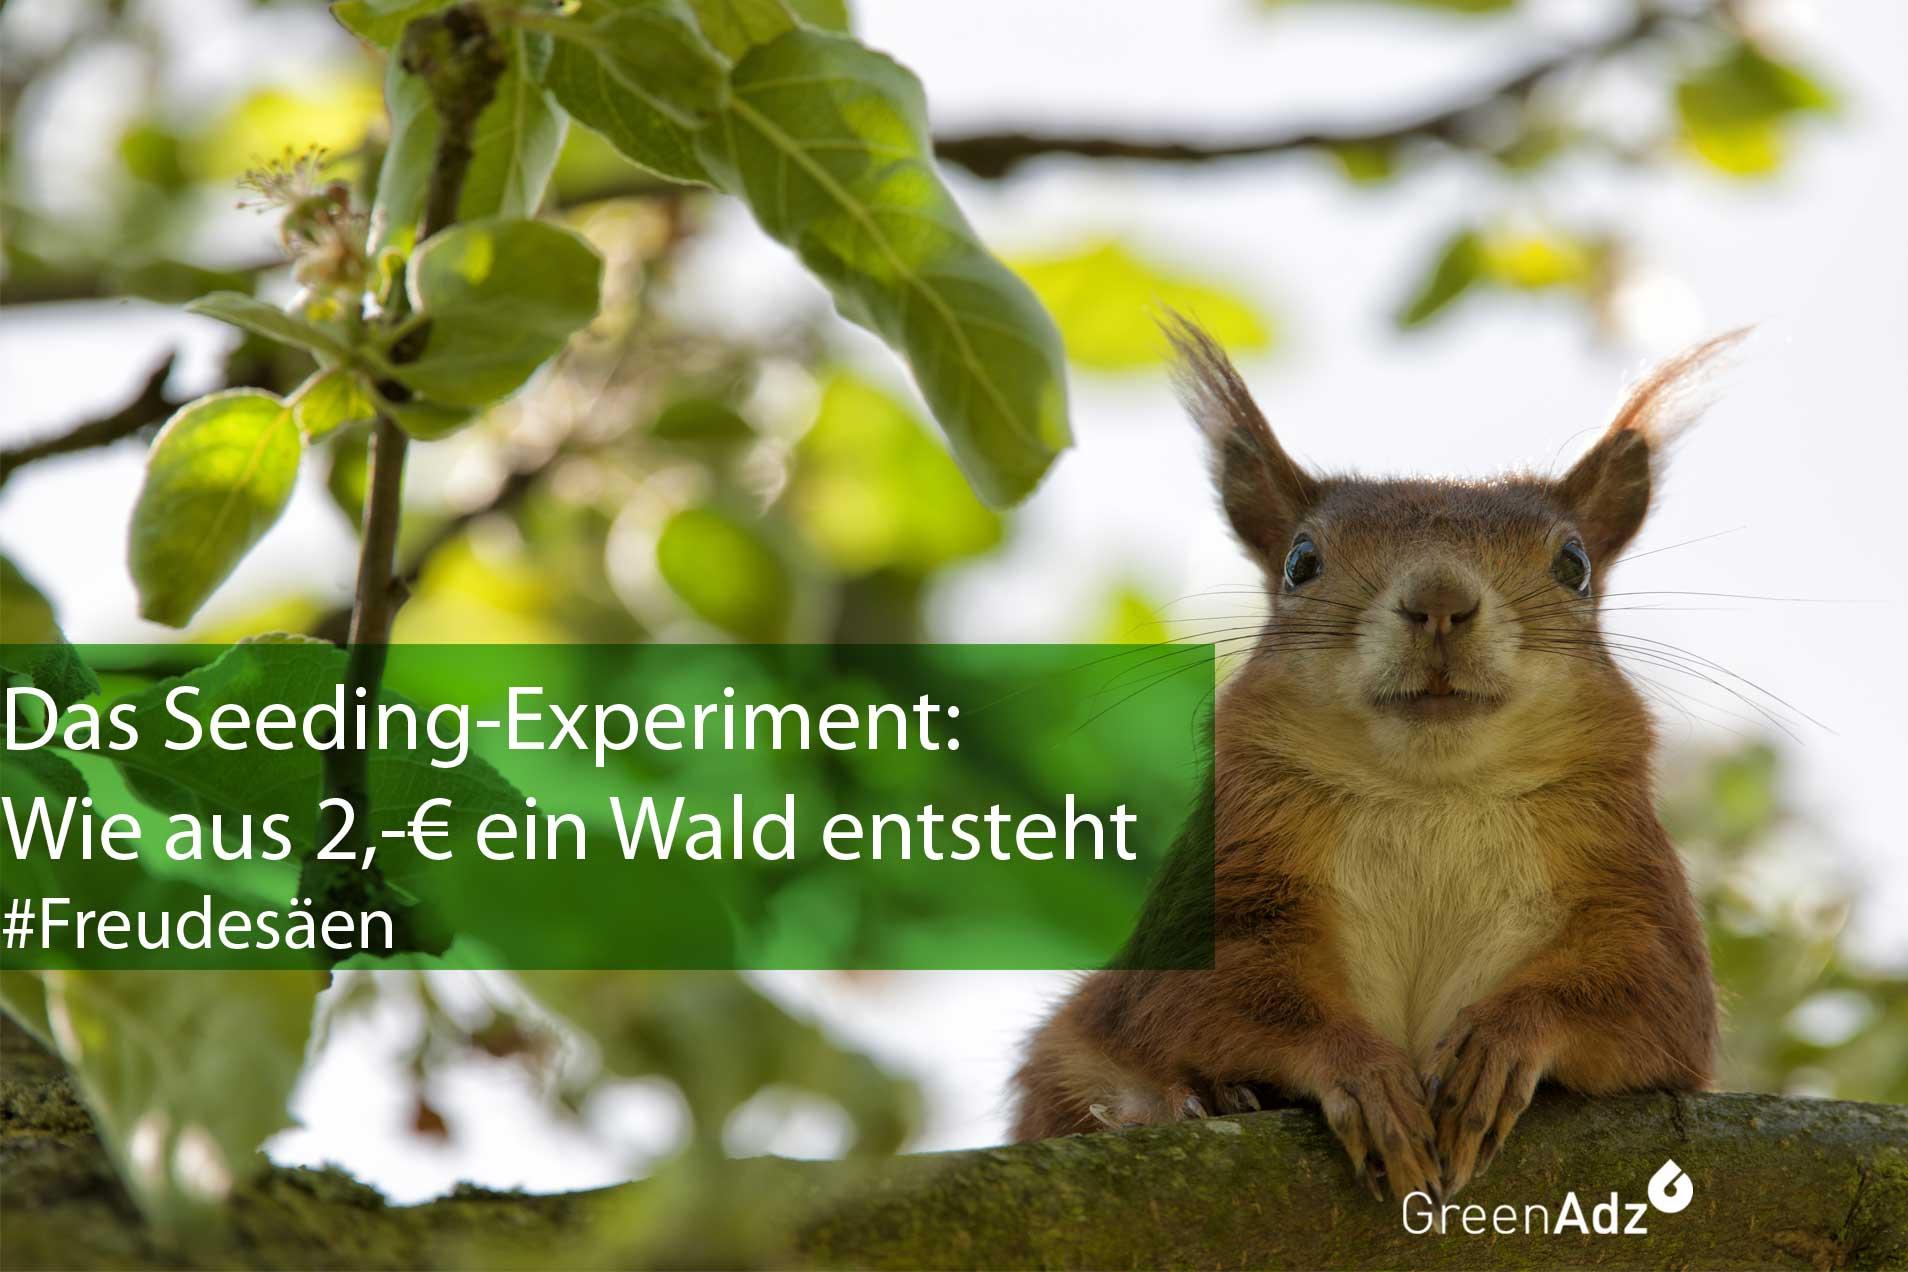 Das-Seeding-Experiment